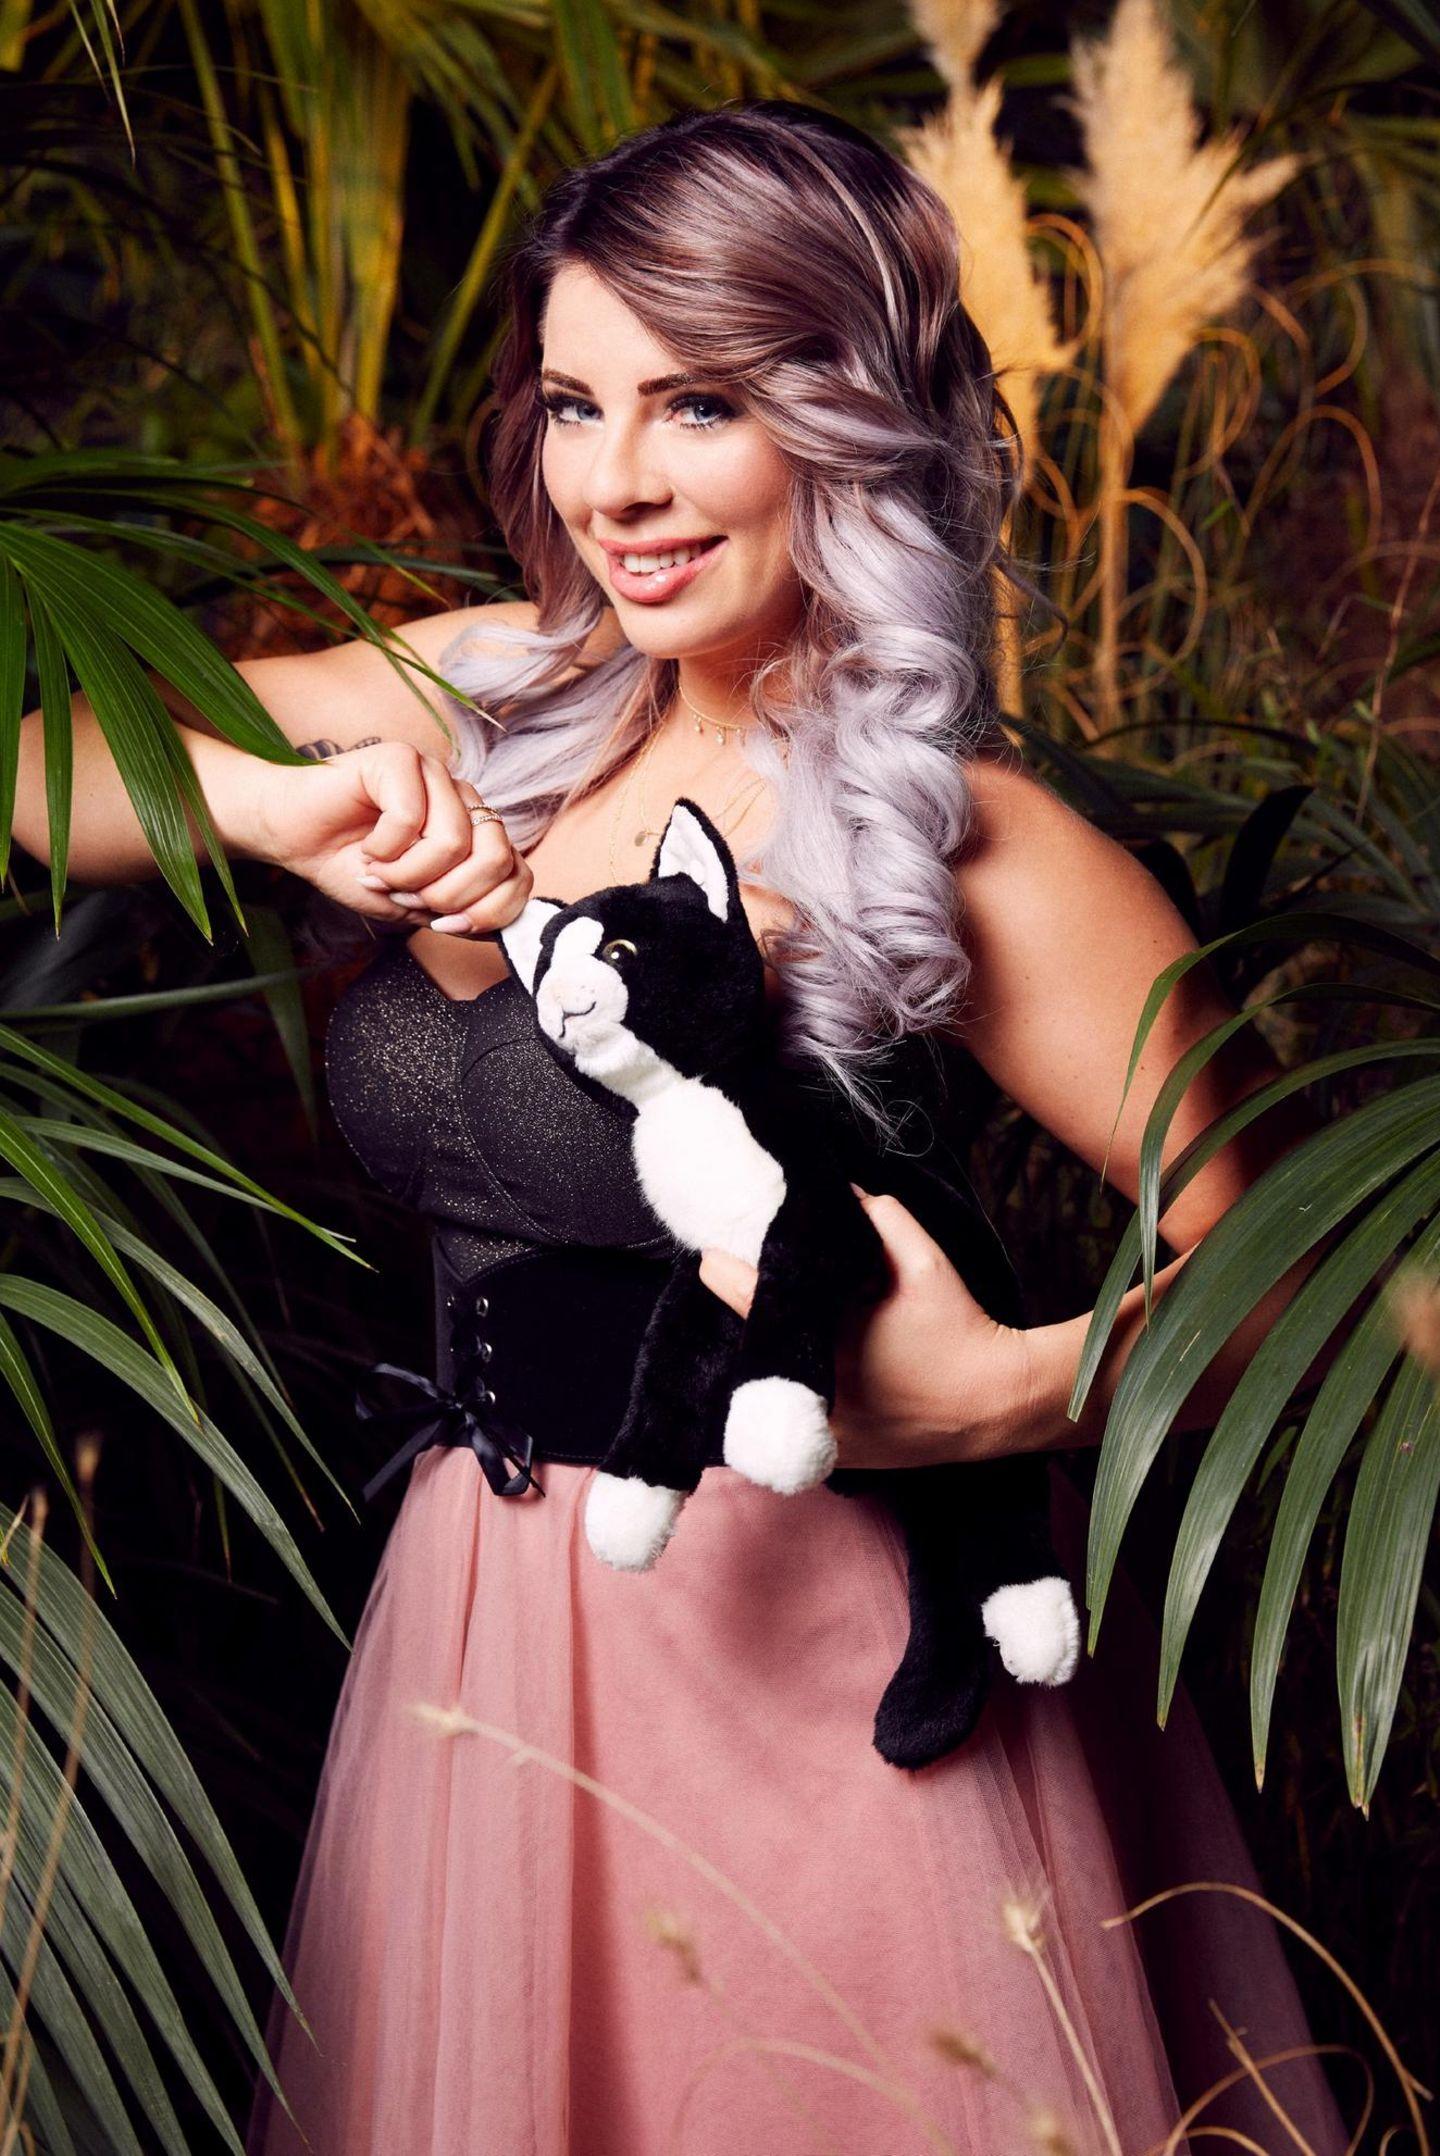 """Jenny Frankhauser,die Schwester von Daniela Katzenberger, ist bereit für Australien. Sie verrät: """"Ich gehe in den Dschungel, weil ich abnehmen will. Das ist für mich wie ein aufregendes Diät-Camp. Außerdem bin ich jung und brauche das Geld."""""""